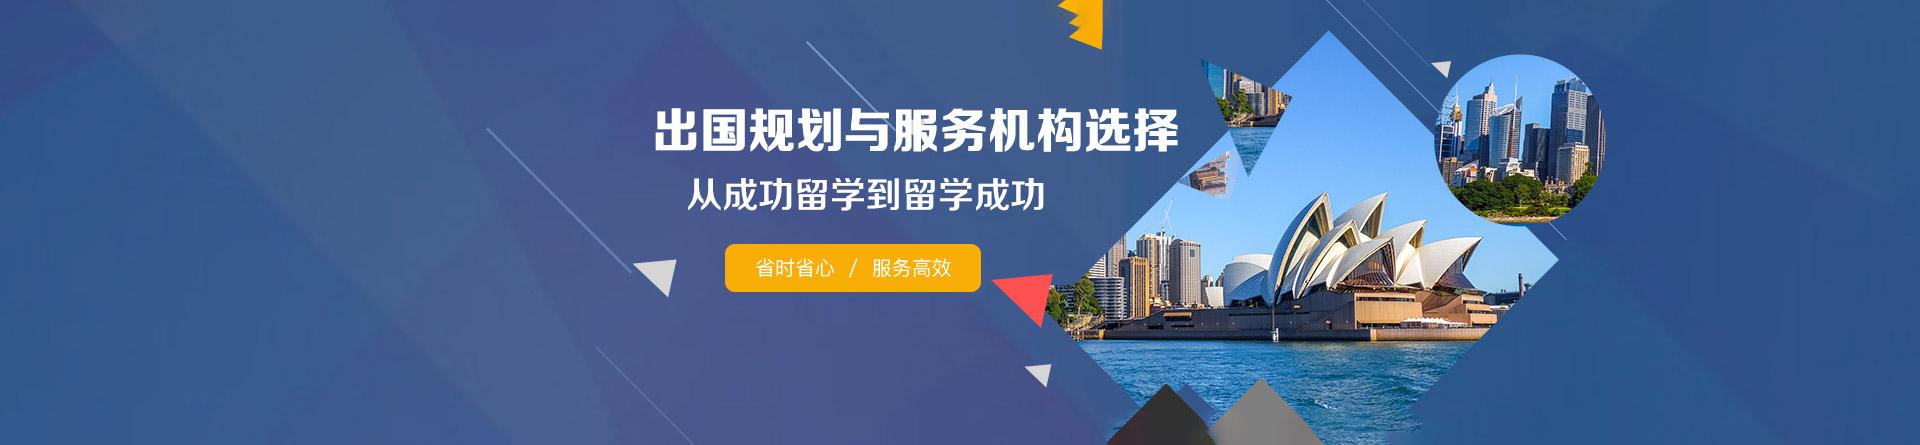 河南商丘飞洋留学机构